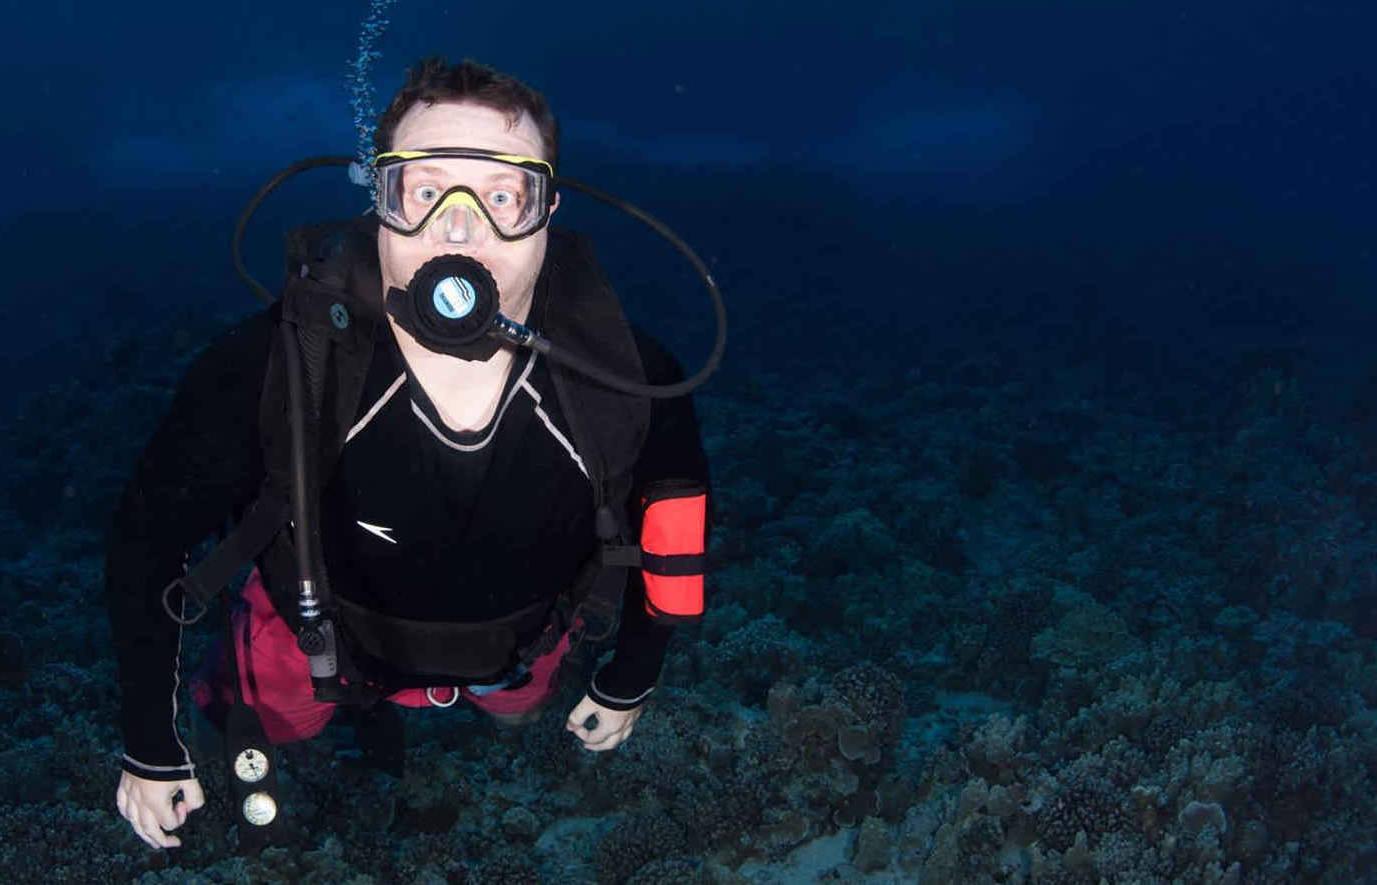 Sean_Scuba_Diving_Eyes_Wide_Open.jpg